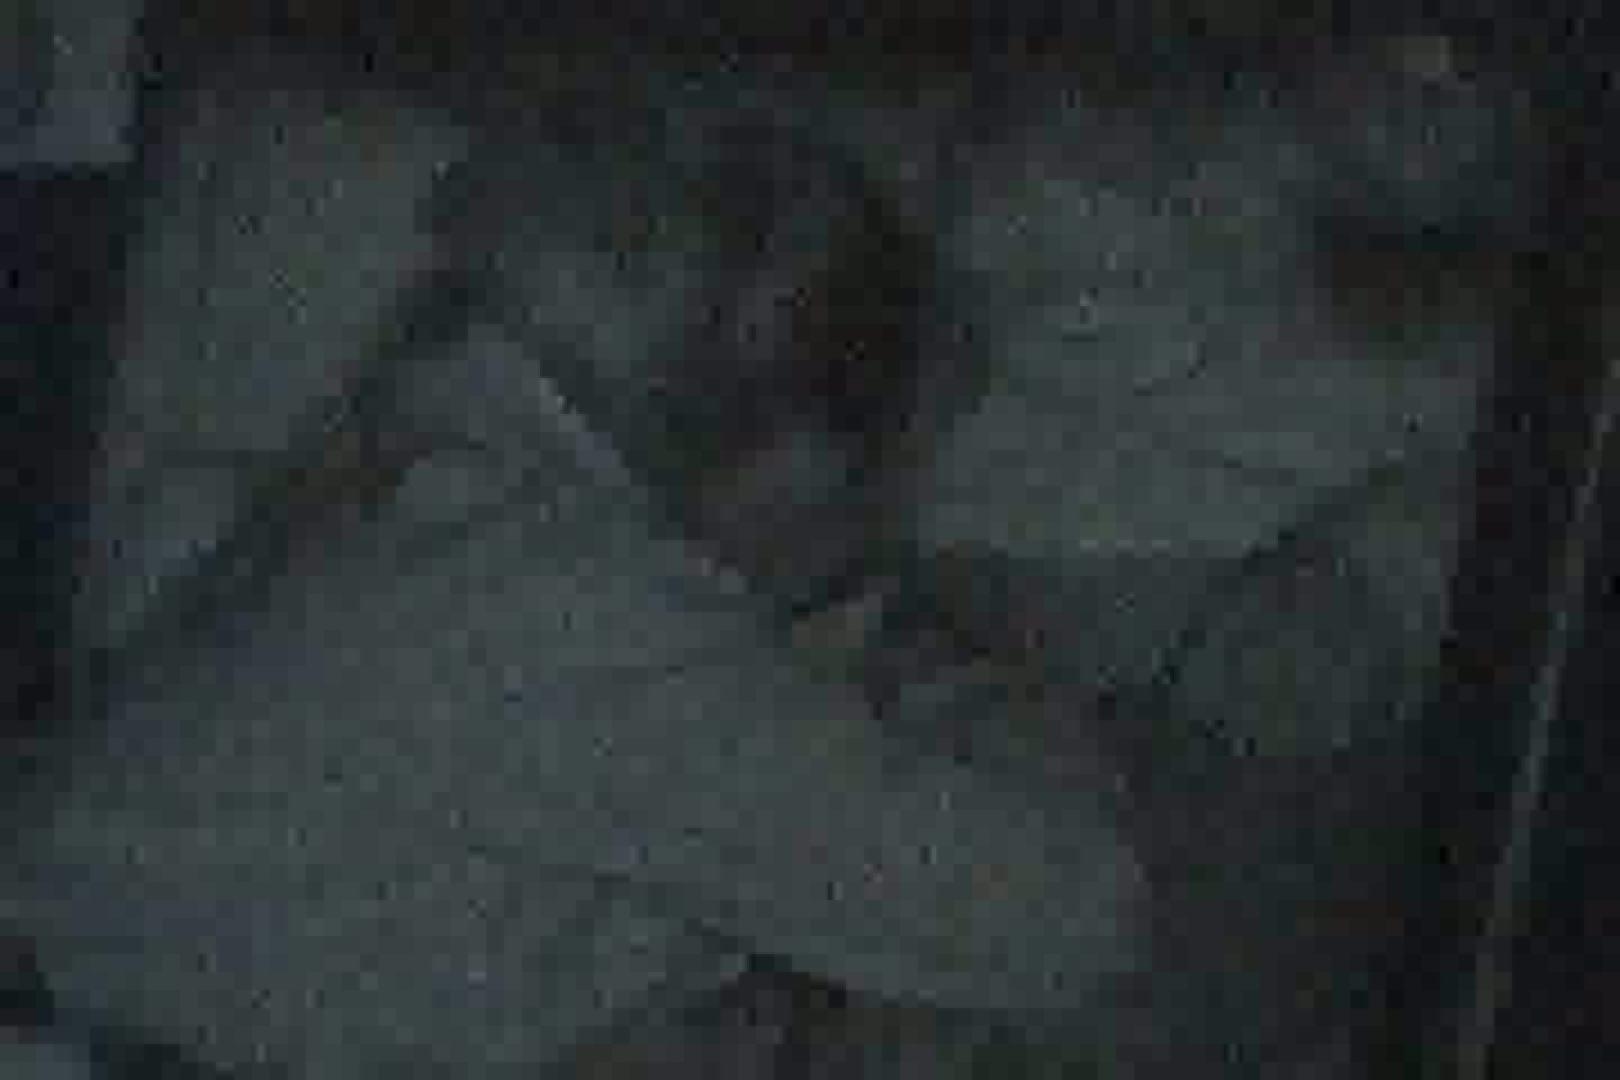 充血監督の深夜の運動会Vol.13 エロティックなOL  60画像 48